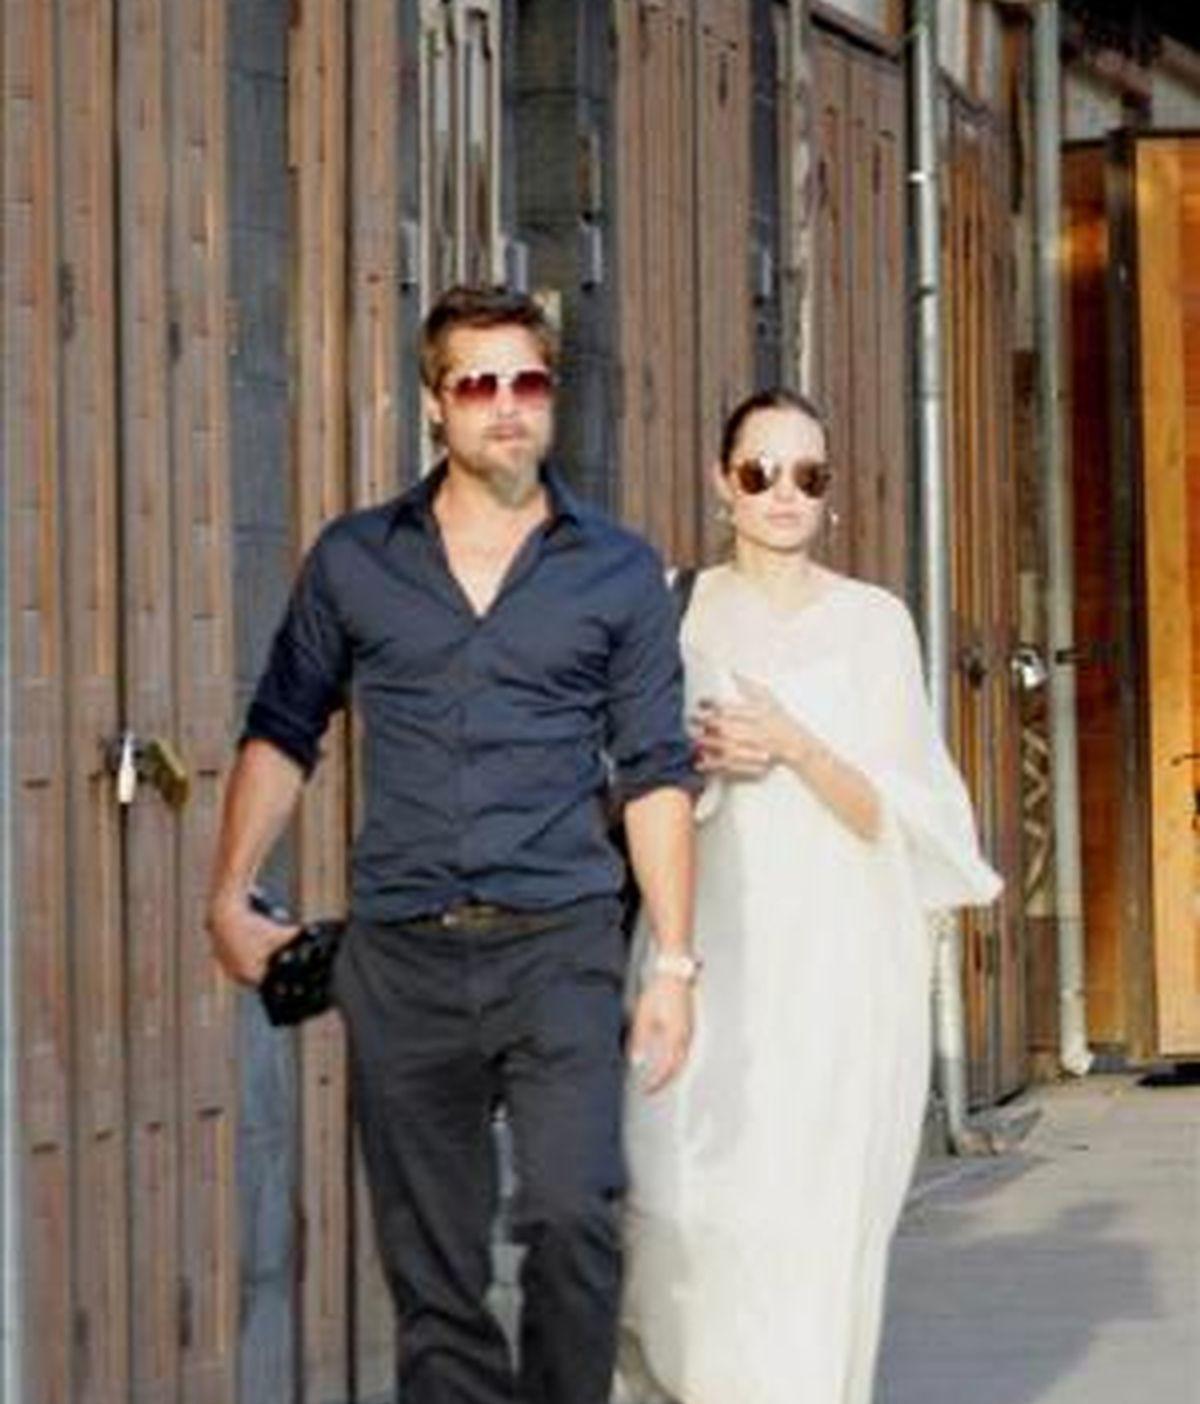 El actor estadounidense Brad Pitt (i), y la actriz y embajadora de buena voluntad de la ONU, Angelina Jolie (d), caminan por el centro de Damasco, Siria. EFE/Archivo